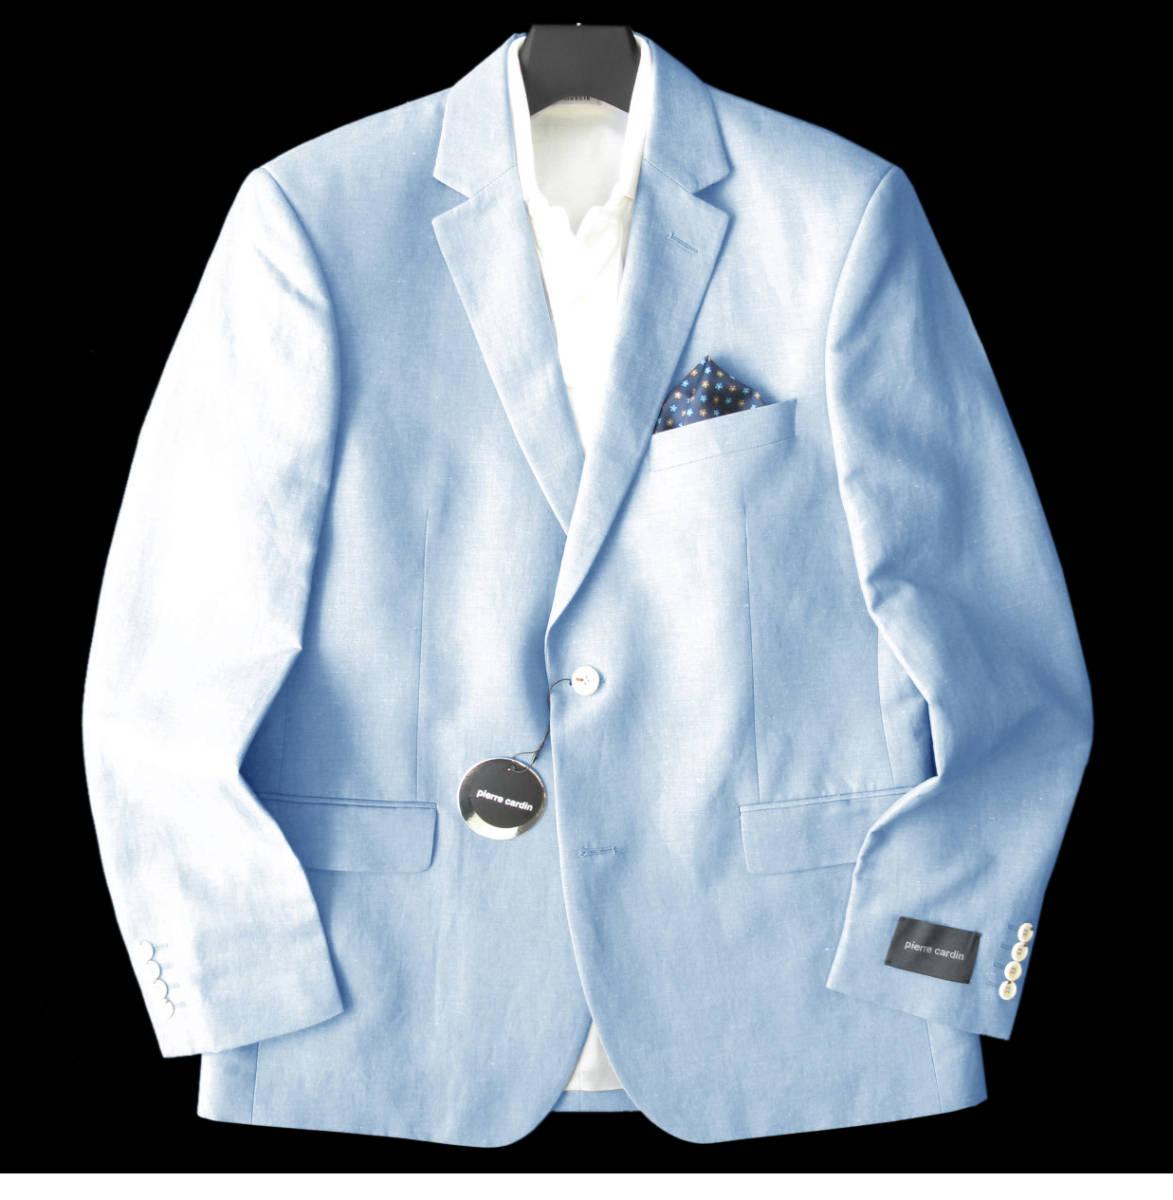 ◆新品 本物◆pierre cardin 2釦 ジャケット 9万円 ◆◆ 麻 & コットン素材 ◆◆